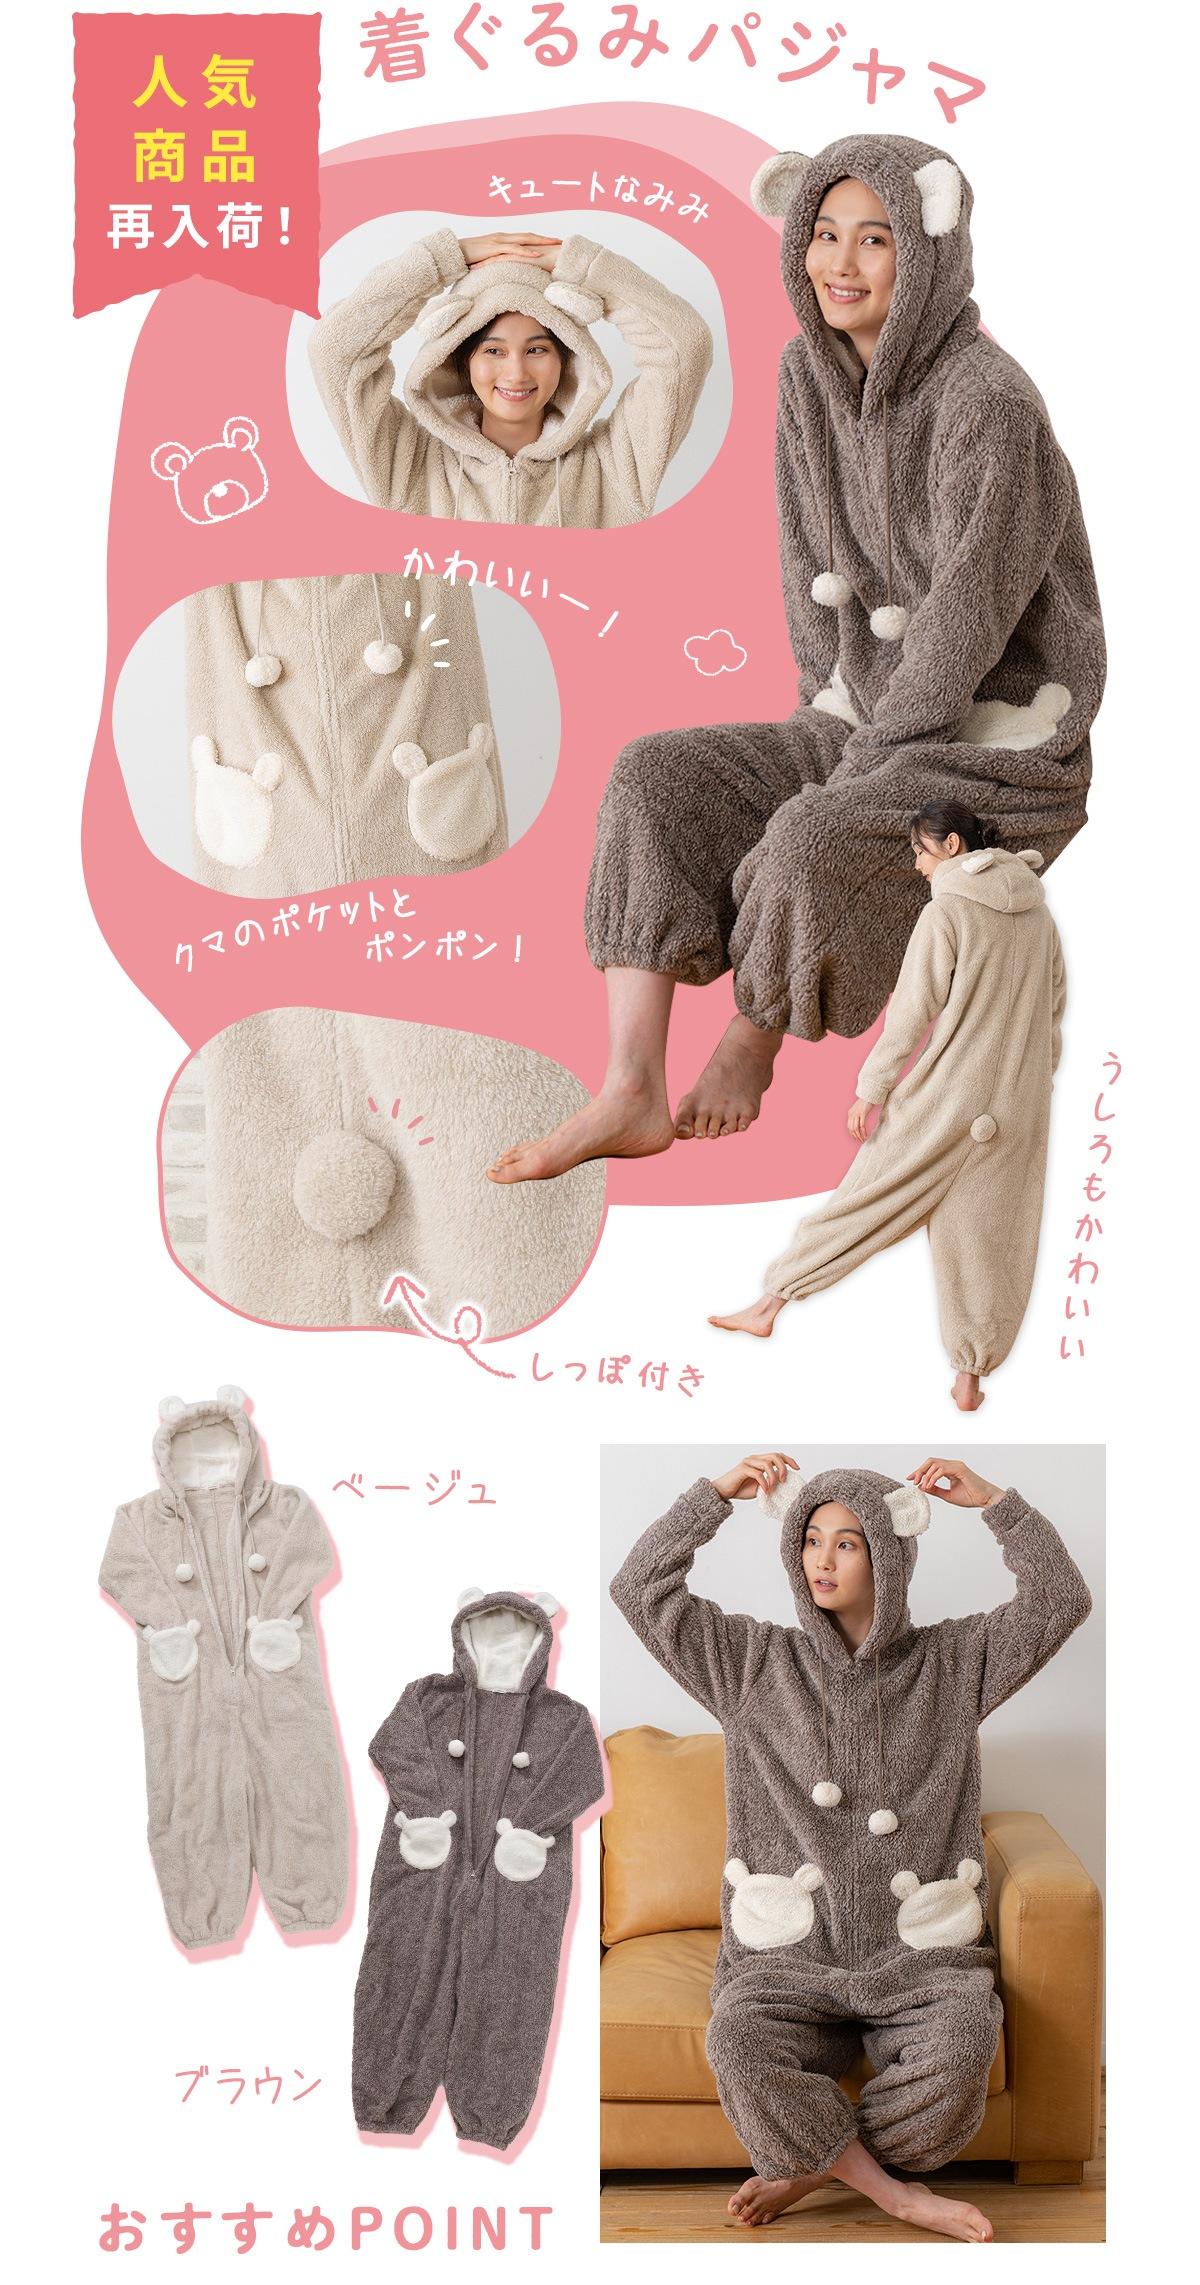 もこもこかわいいクマさんの着ぐるみパジャマ。ファスナー付きで着脱しやすい。フードにはクマ耳、リアルなクマ感たっぷりのブラウンと、意外とシンプルに見えるベージュポッケもクマシルエットでの2色をご用意しました ! クマさんに変身しちゃおう!